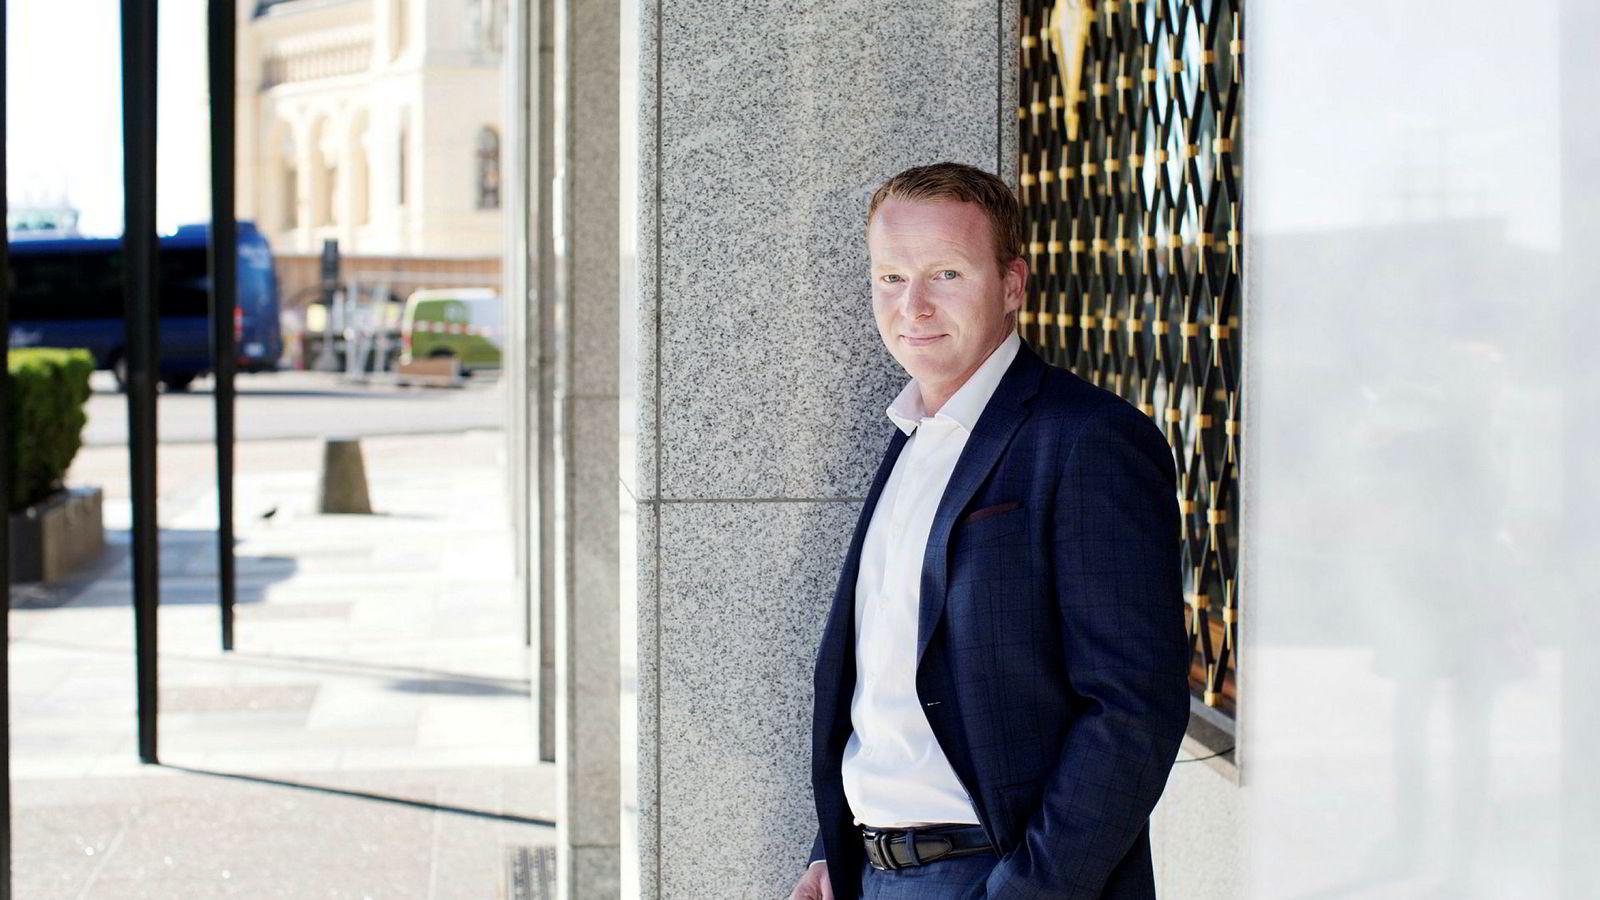 Analysesjef i Sparebank 1 Markets Lars-Daniel Westby er sammen med analytiker Petter Kongslie ansvarlig for Sparebank 1 Markets' ukeportefølje i DNs porteføljekonkurranse.